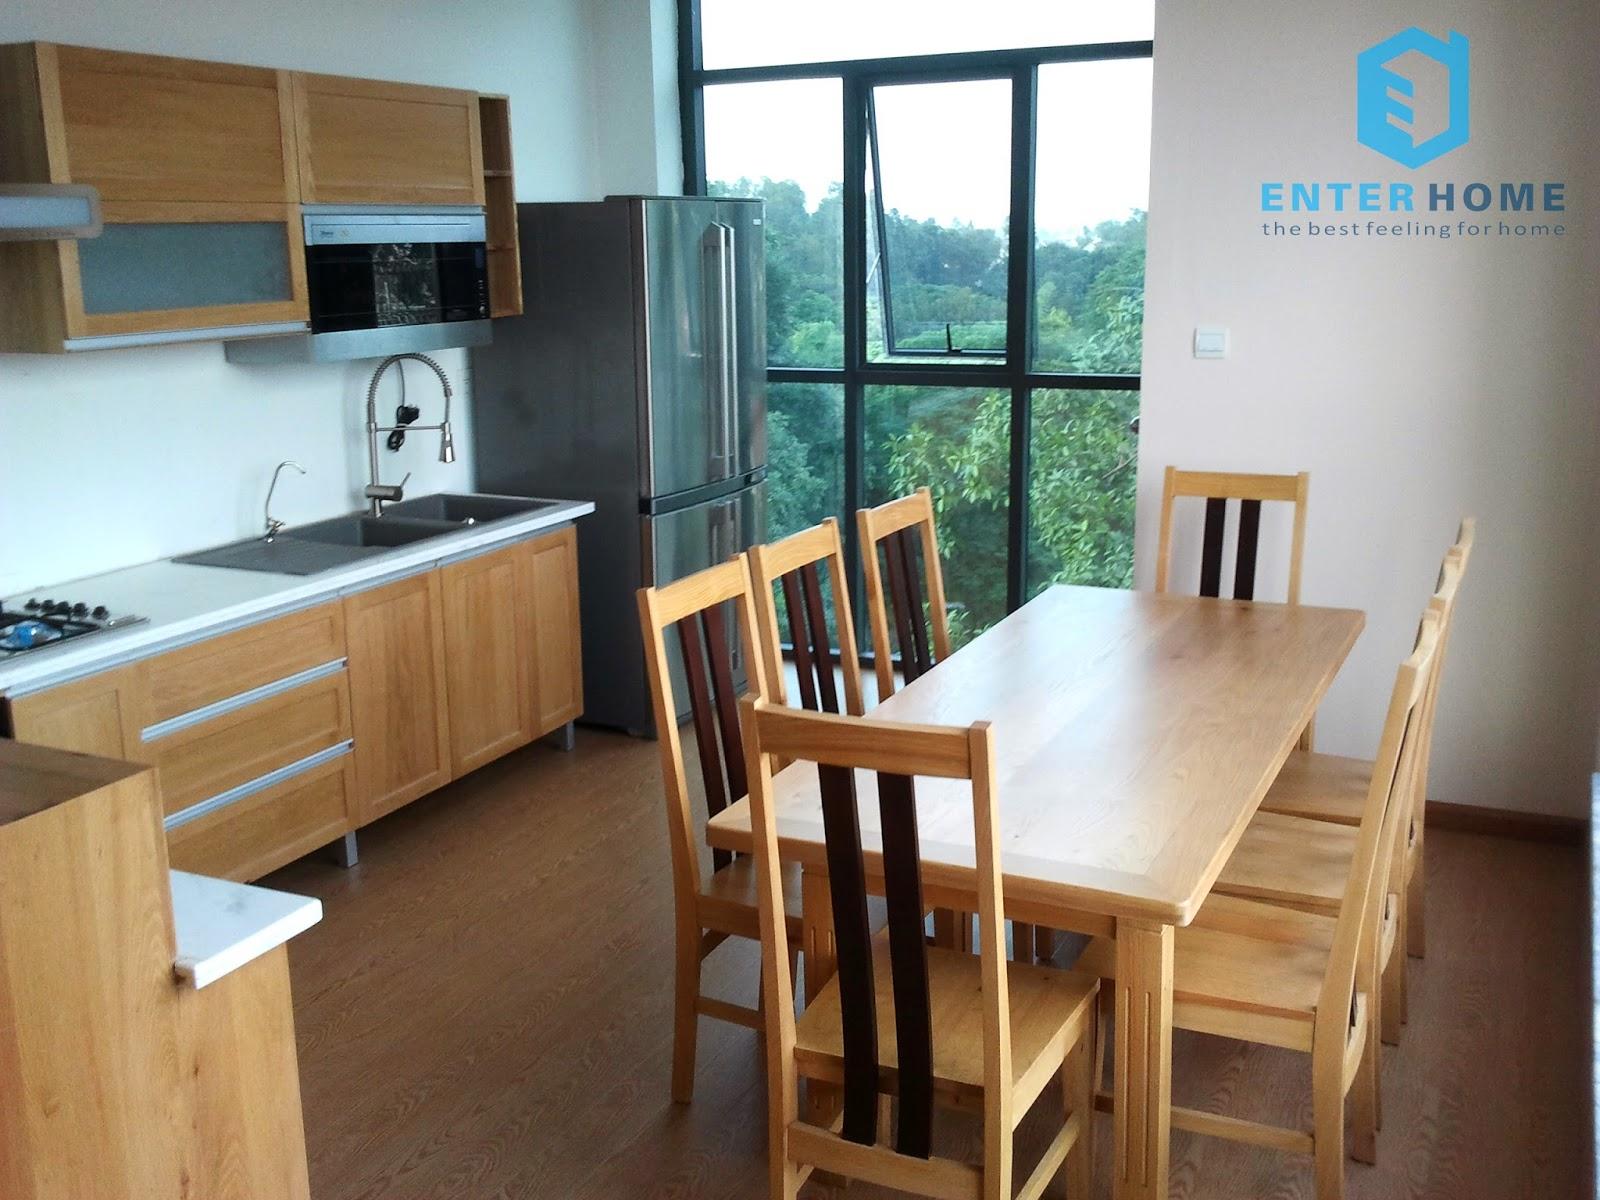 Thiết kế tủ bếp và bàn ăn giá rẻ từ liêm